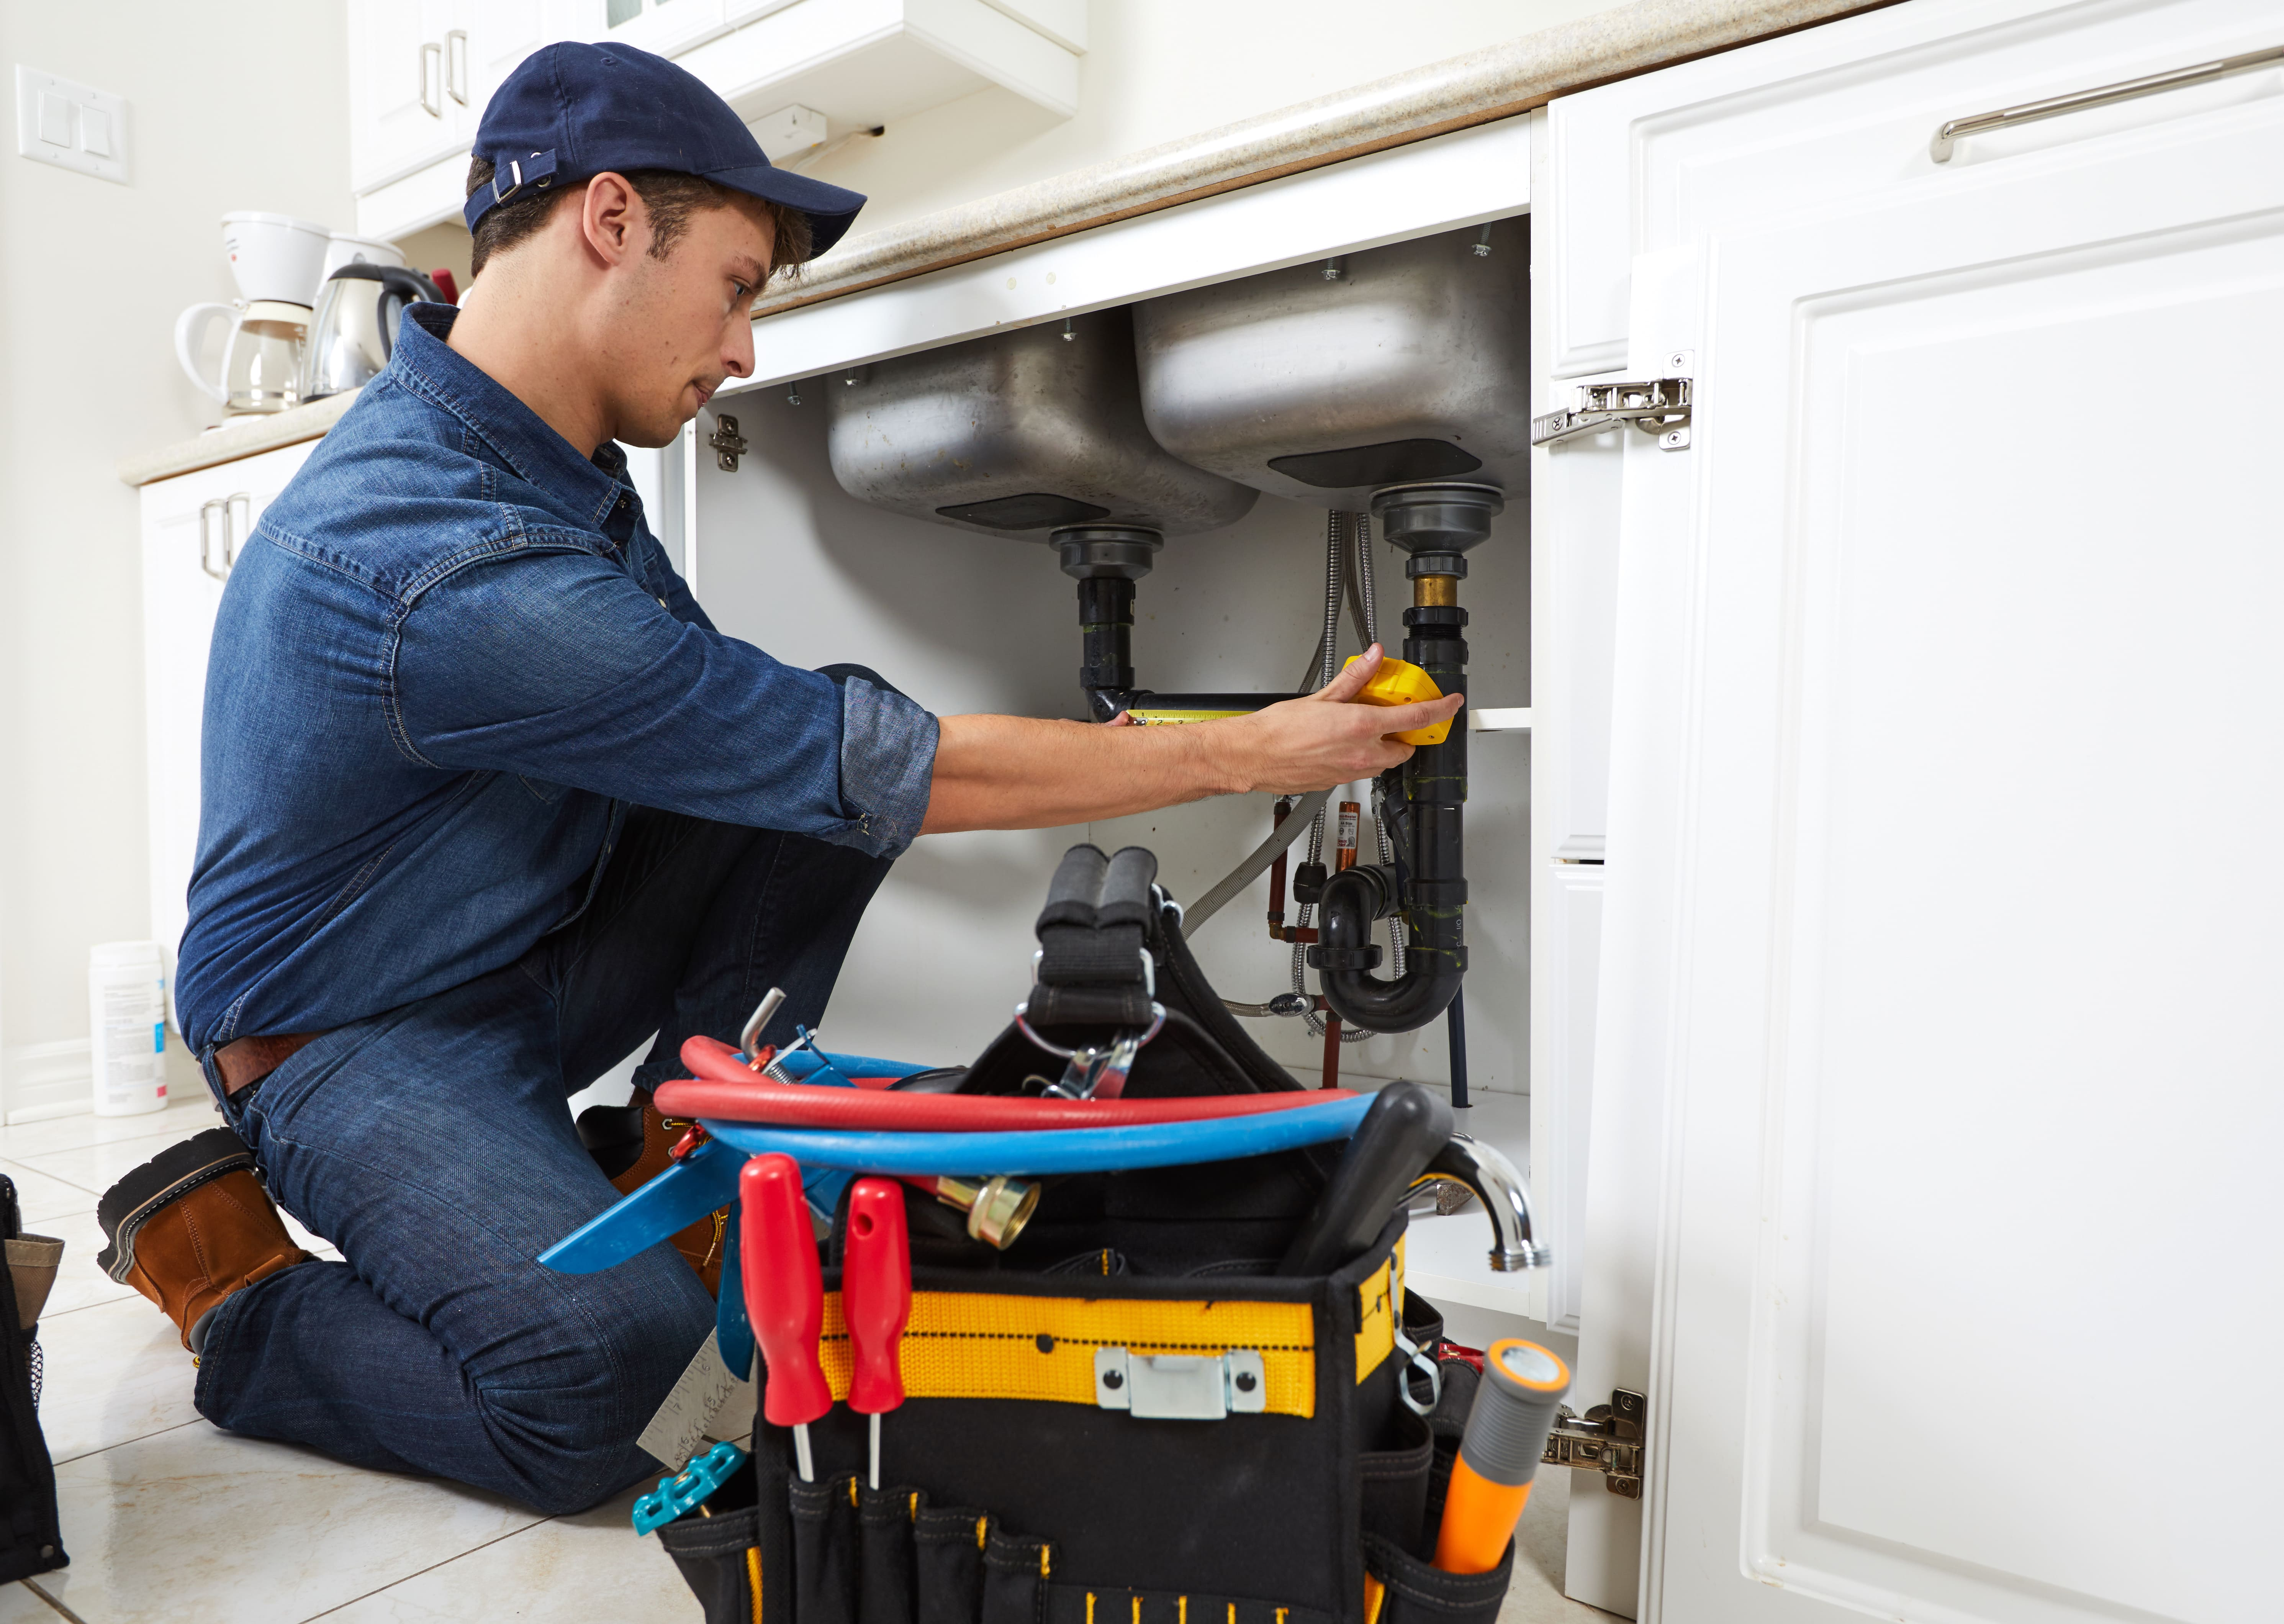 Imagem de um homem consertando a pia para inspirar o empreendedor sobre como montar um serviço de marido de aluguel